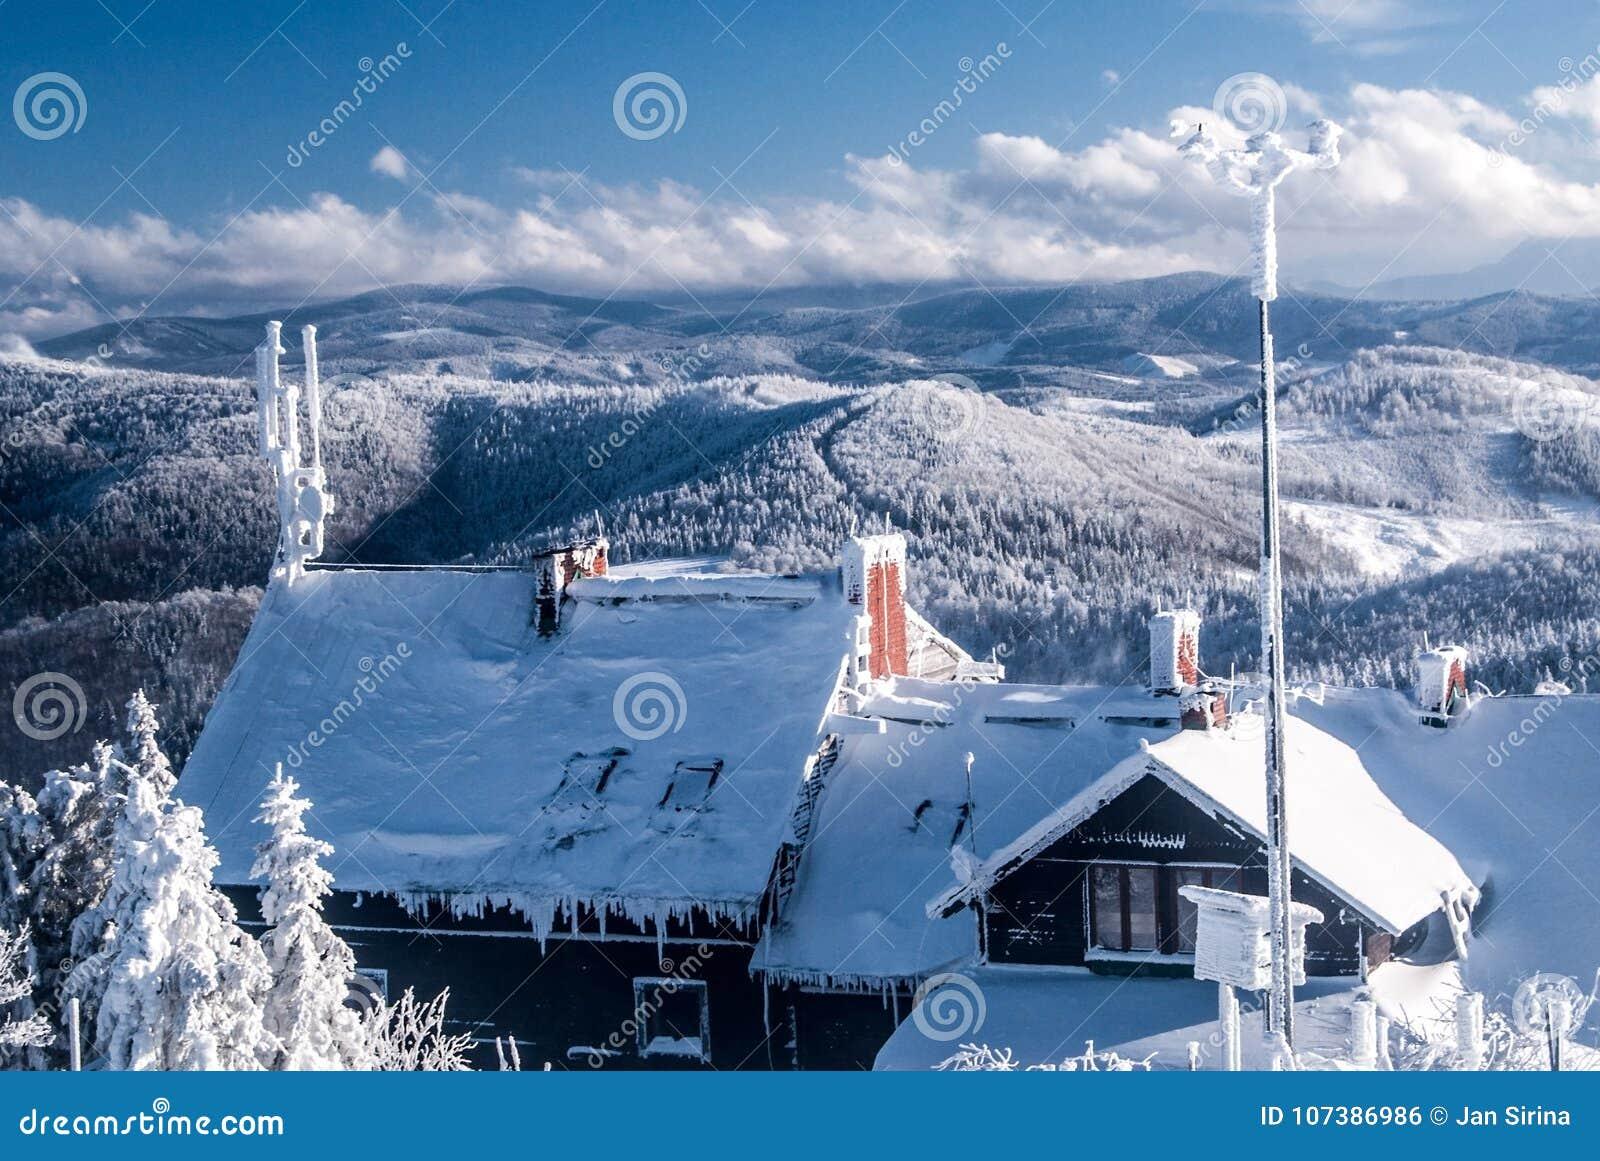 Bevriezende de winterdag op de heuvel van Wielka Racza in de bergen van Beskid Zywiecki met chalet en heuvels op de achtergrond